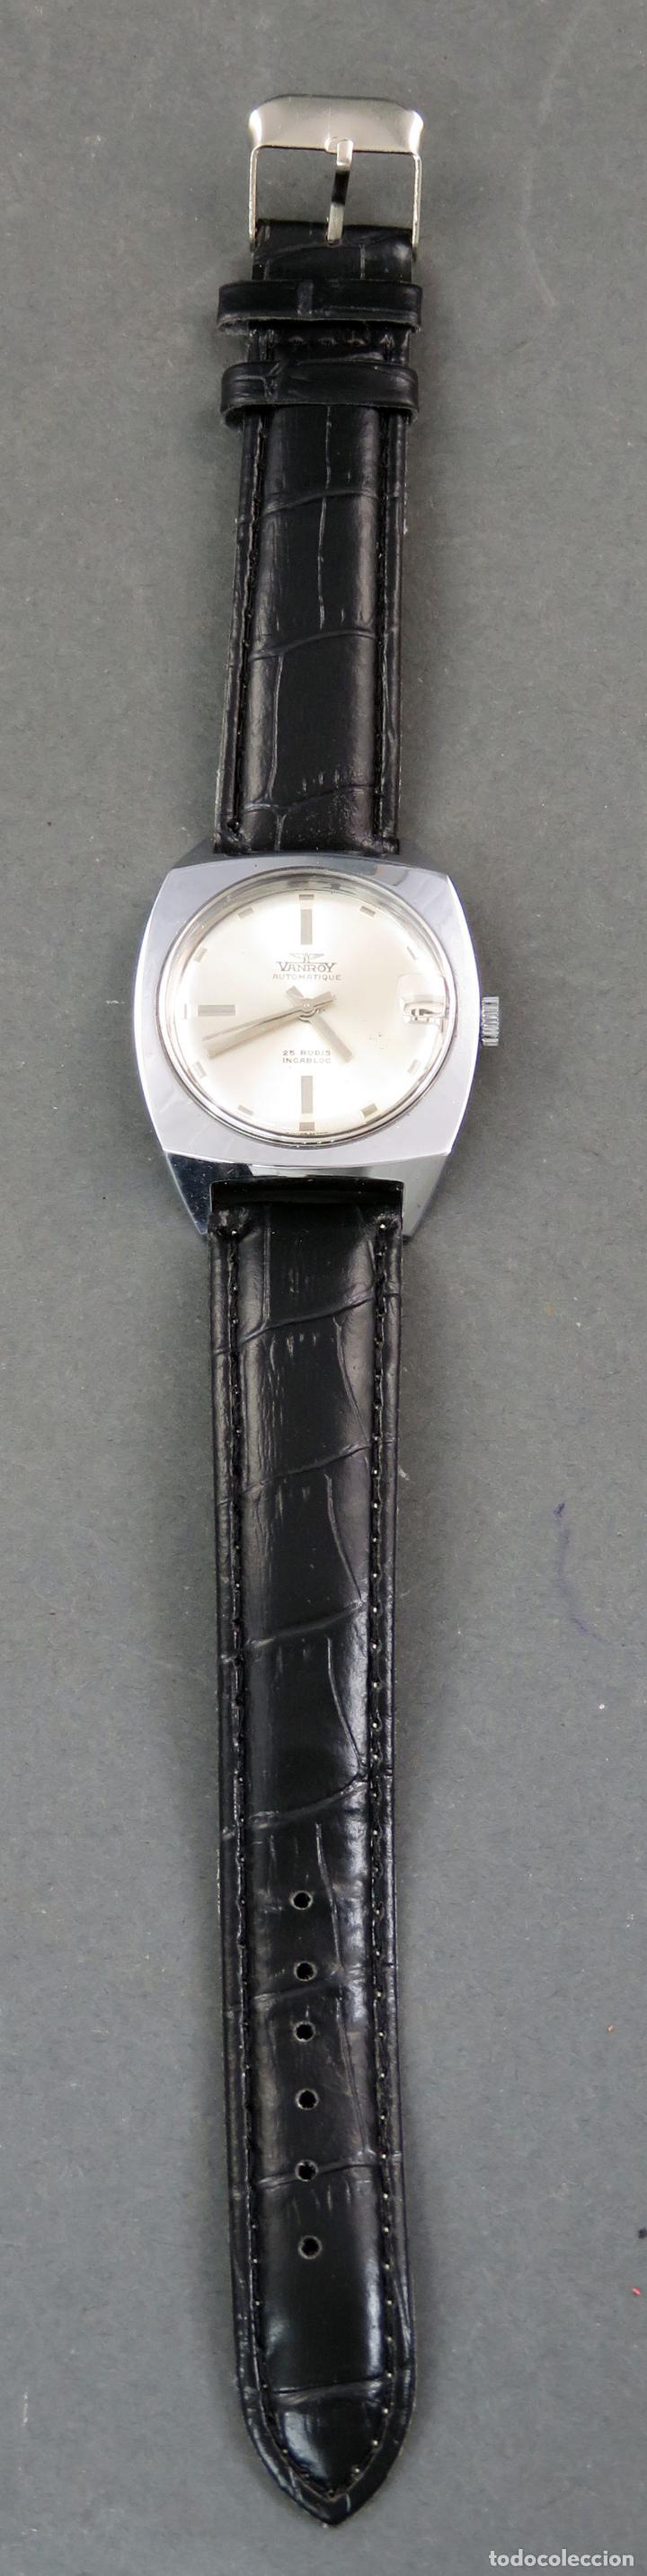 Relojes automáticos: Reloj automático Vanroy Automatique 25 rubis Incabloc Swiss Made Funciona - Foto 2 - 143165226